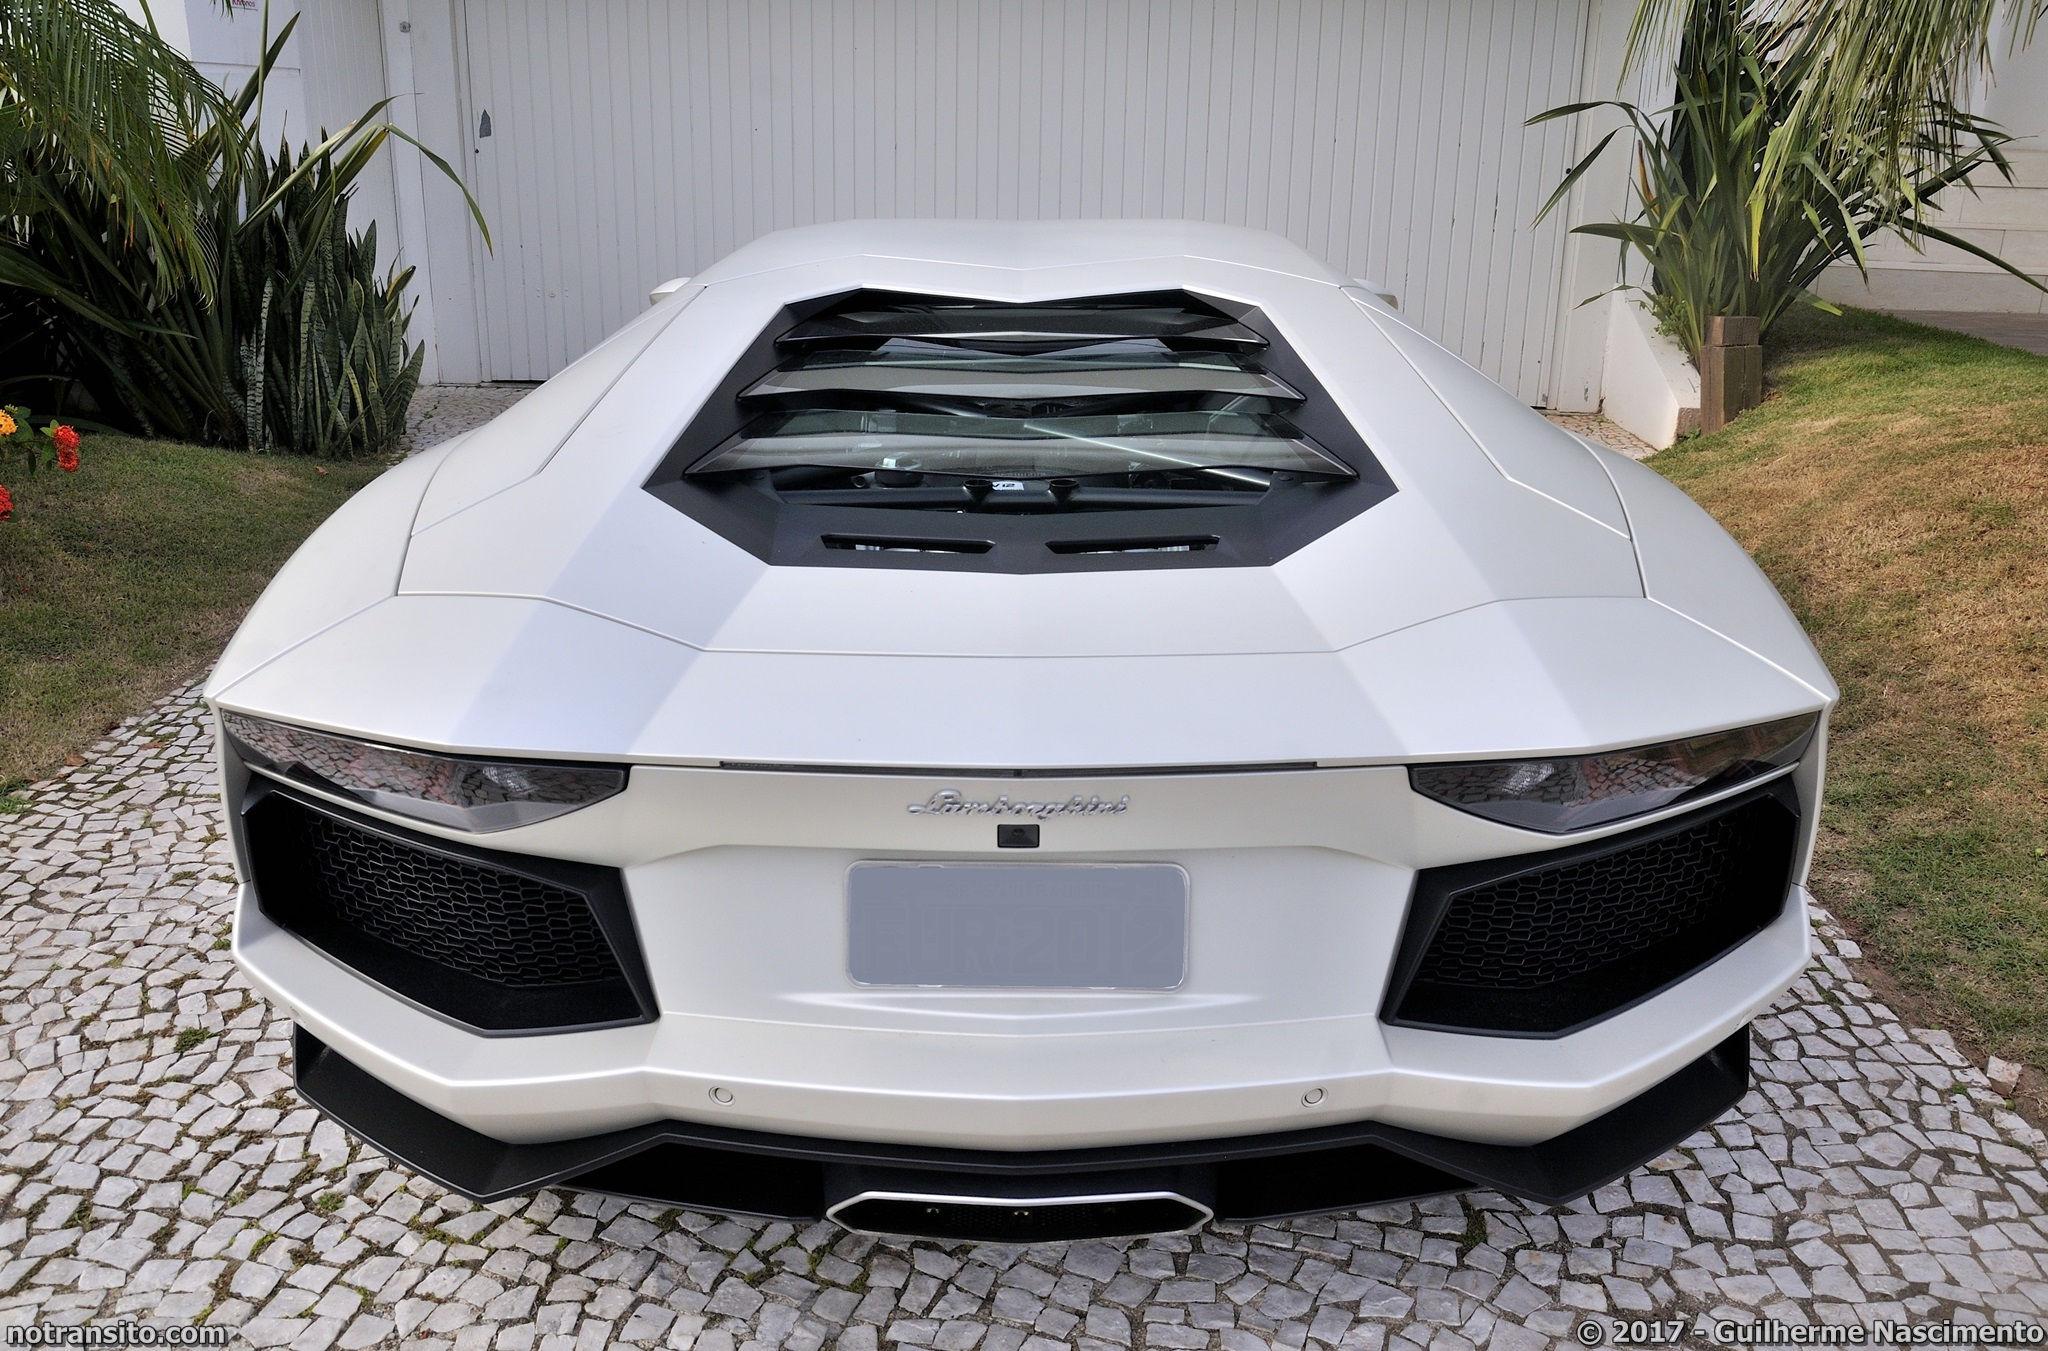 Lamborghini-Aventador-LP-700-4-McLaren-MP4-12C-013